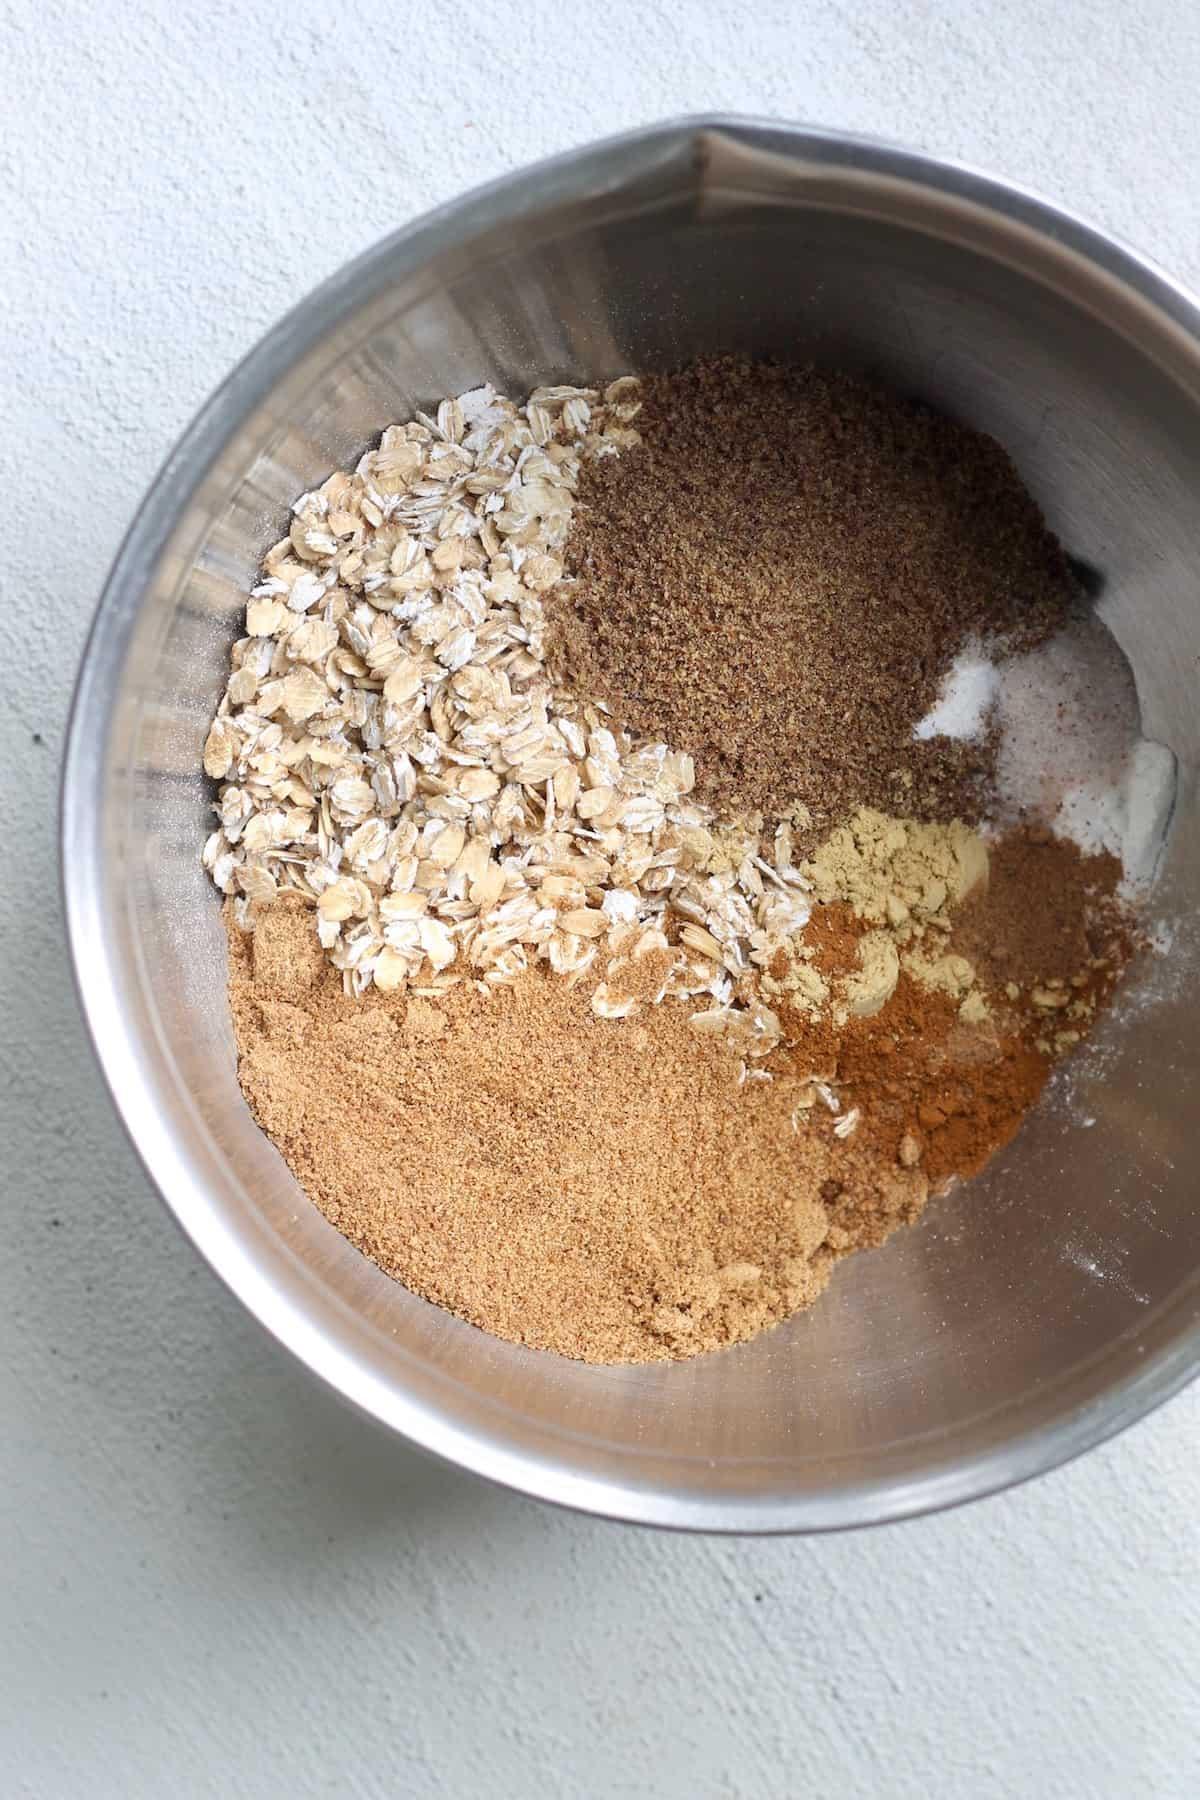 bowl of dry ingredients